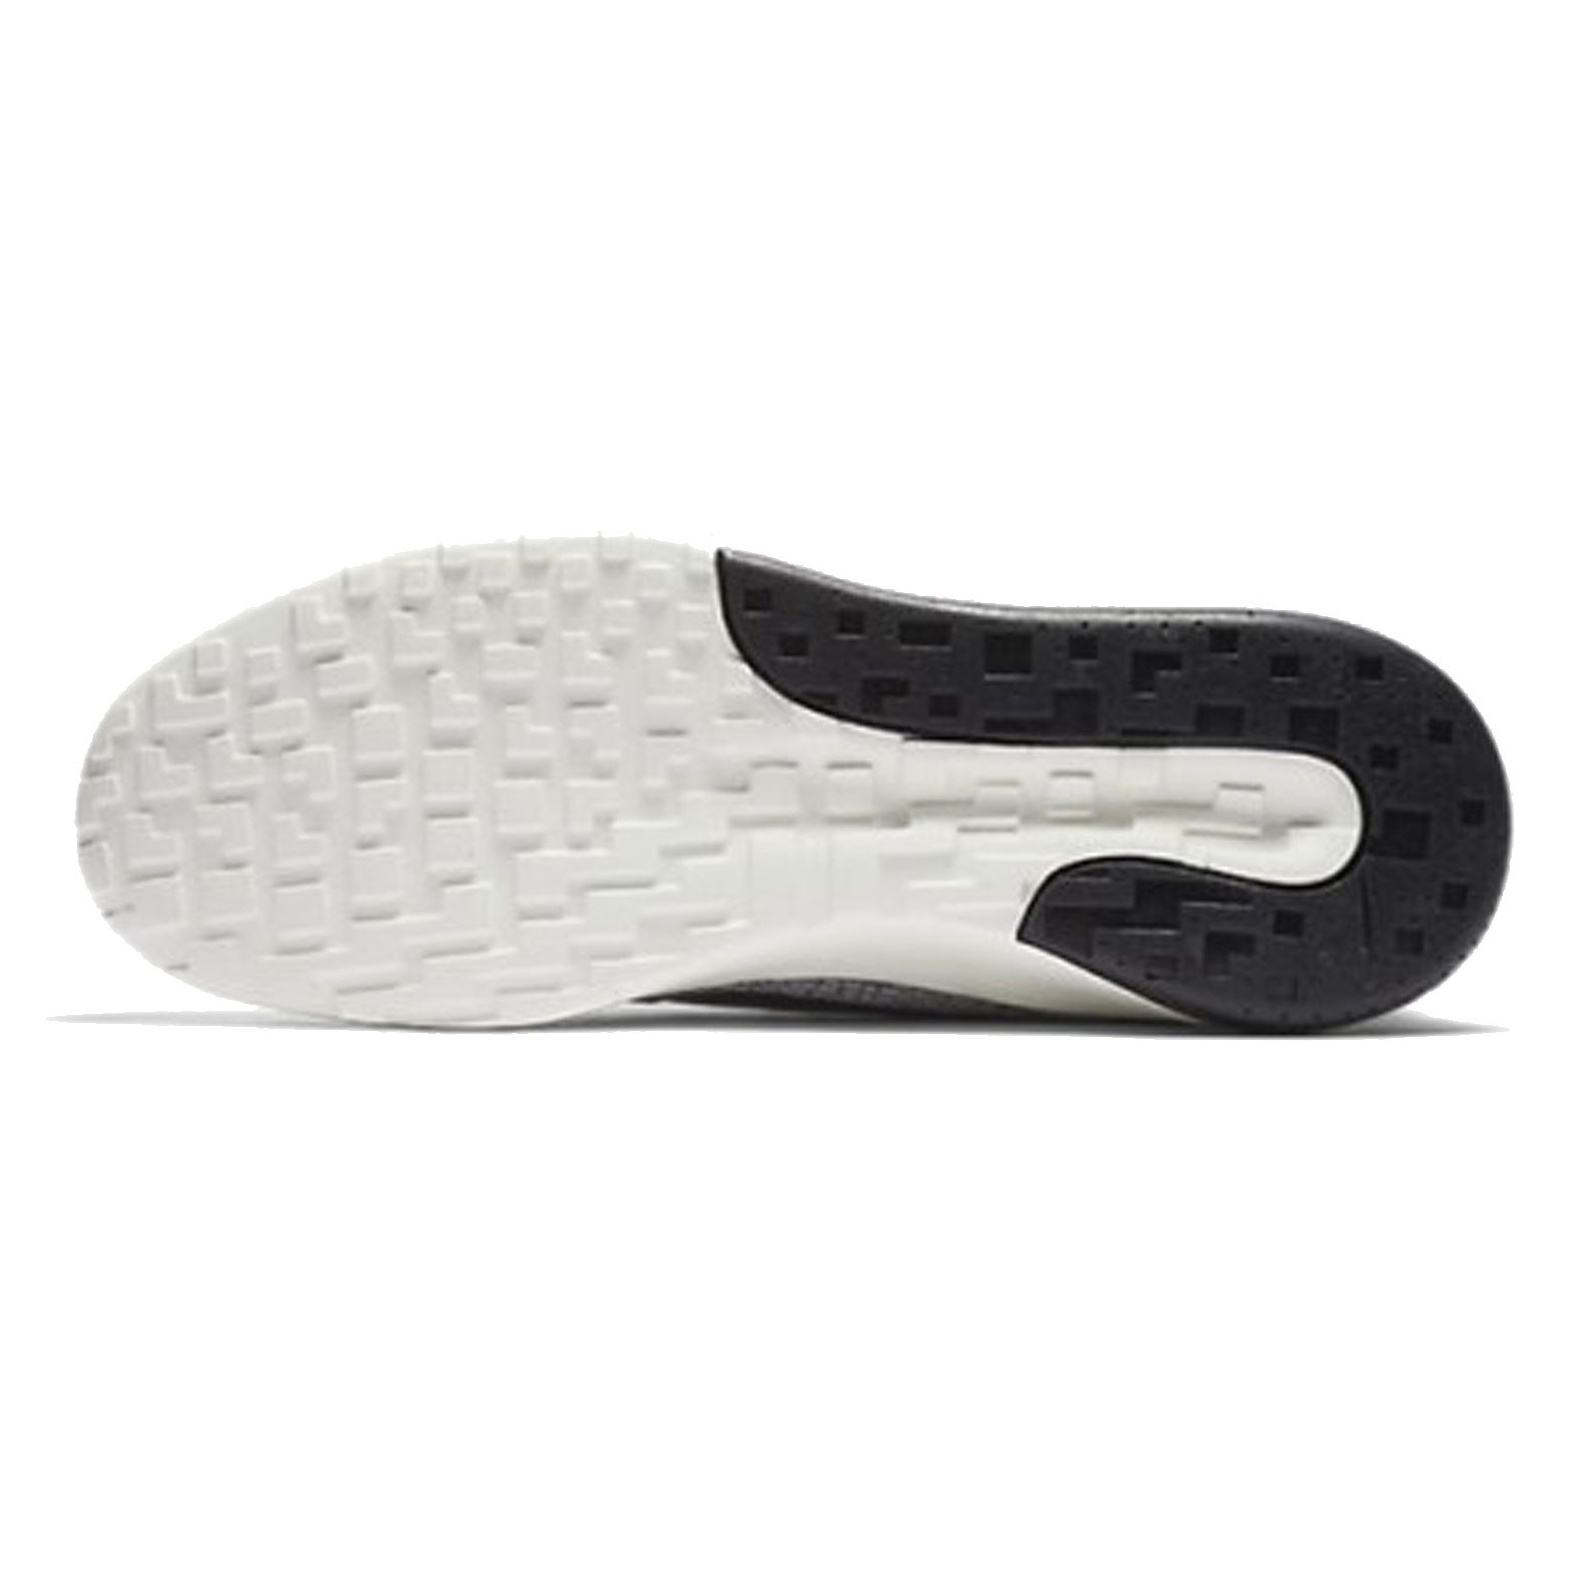 کفش ورزشی بندی دویدن مردانه Ck Racer - نایکی - طوسي روشن - 2